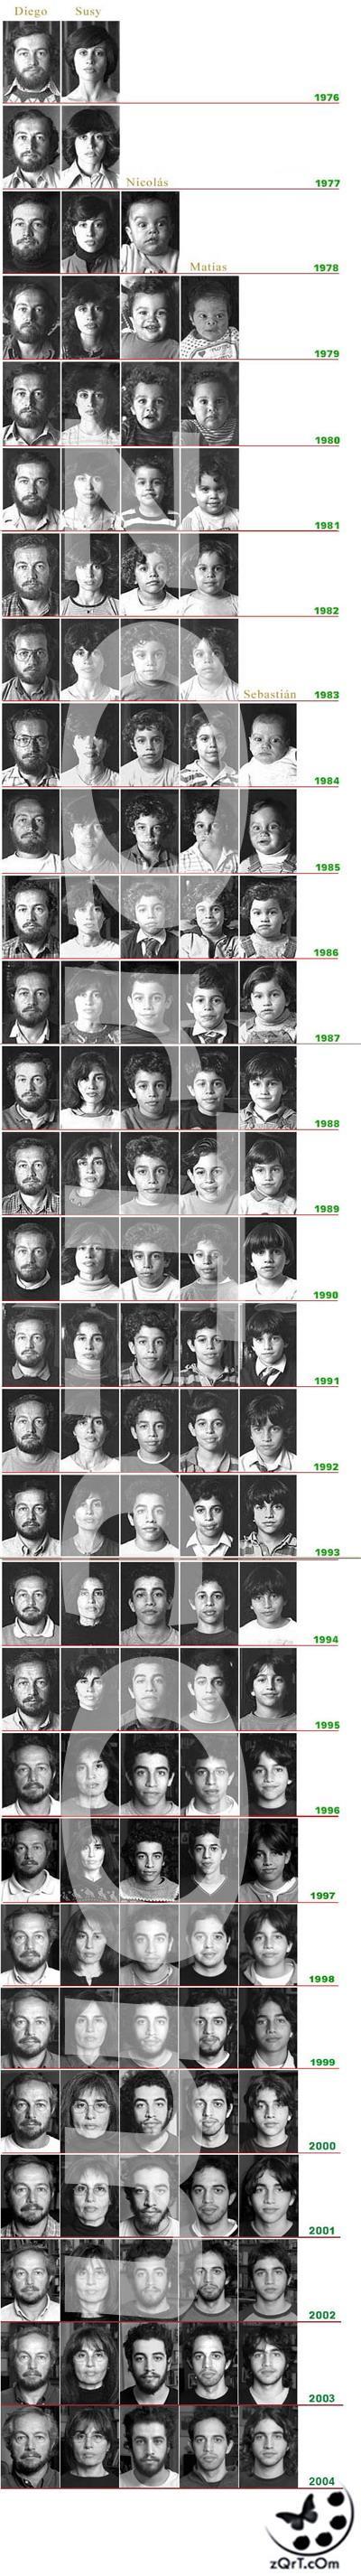 اليكم صوره لعائله تصور نفسها من 1976لعام 2004 طريقه